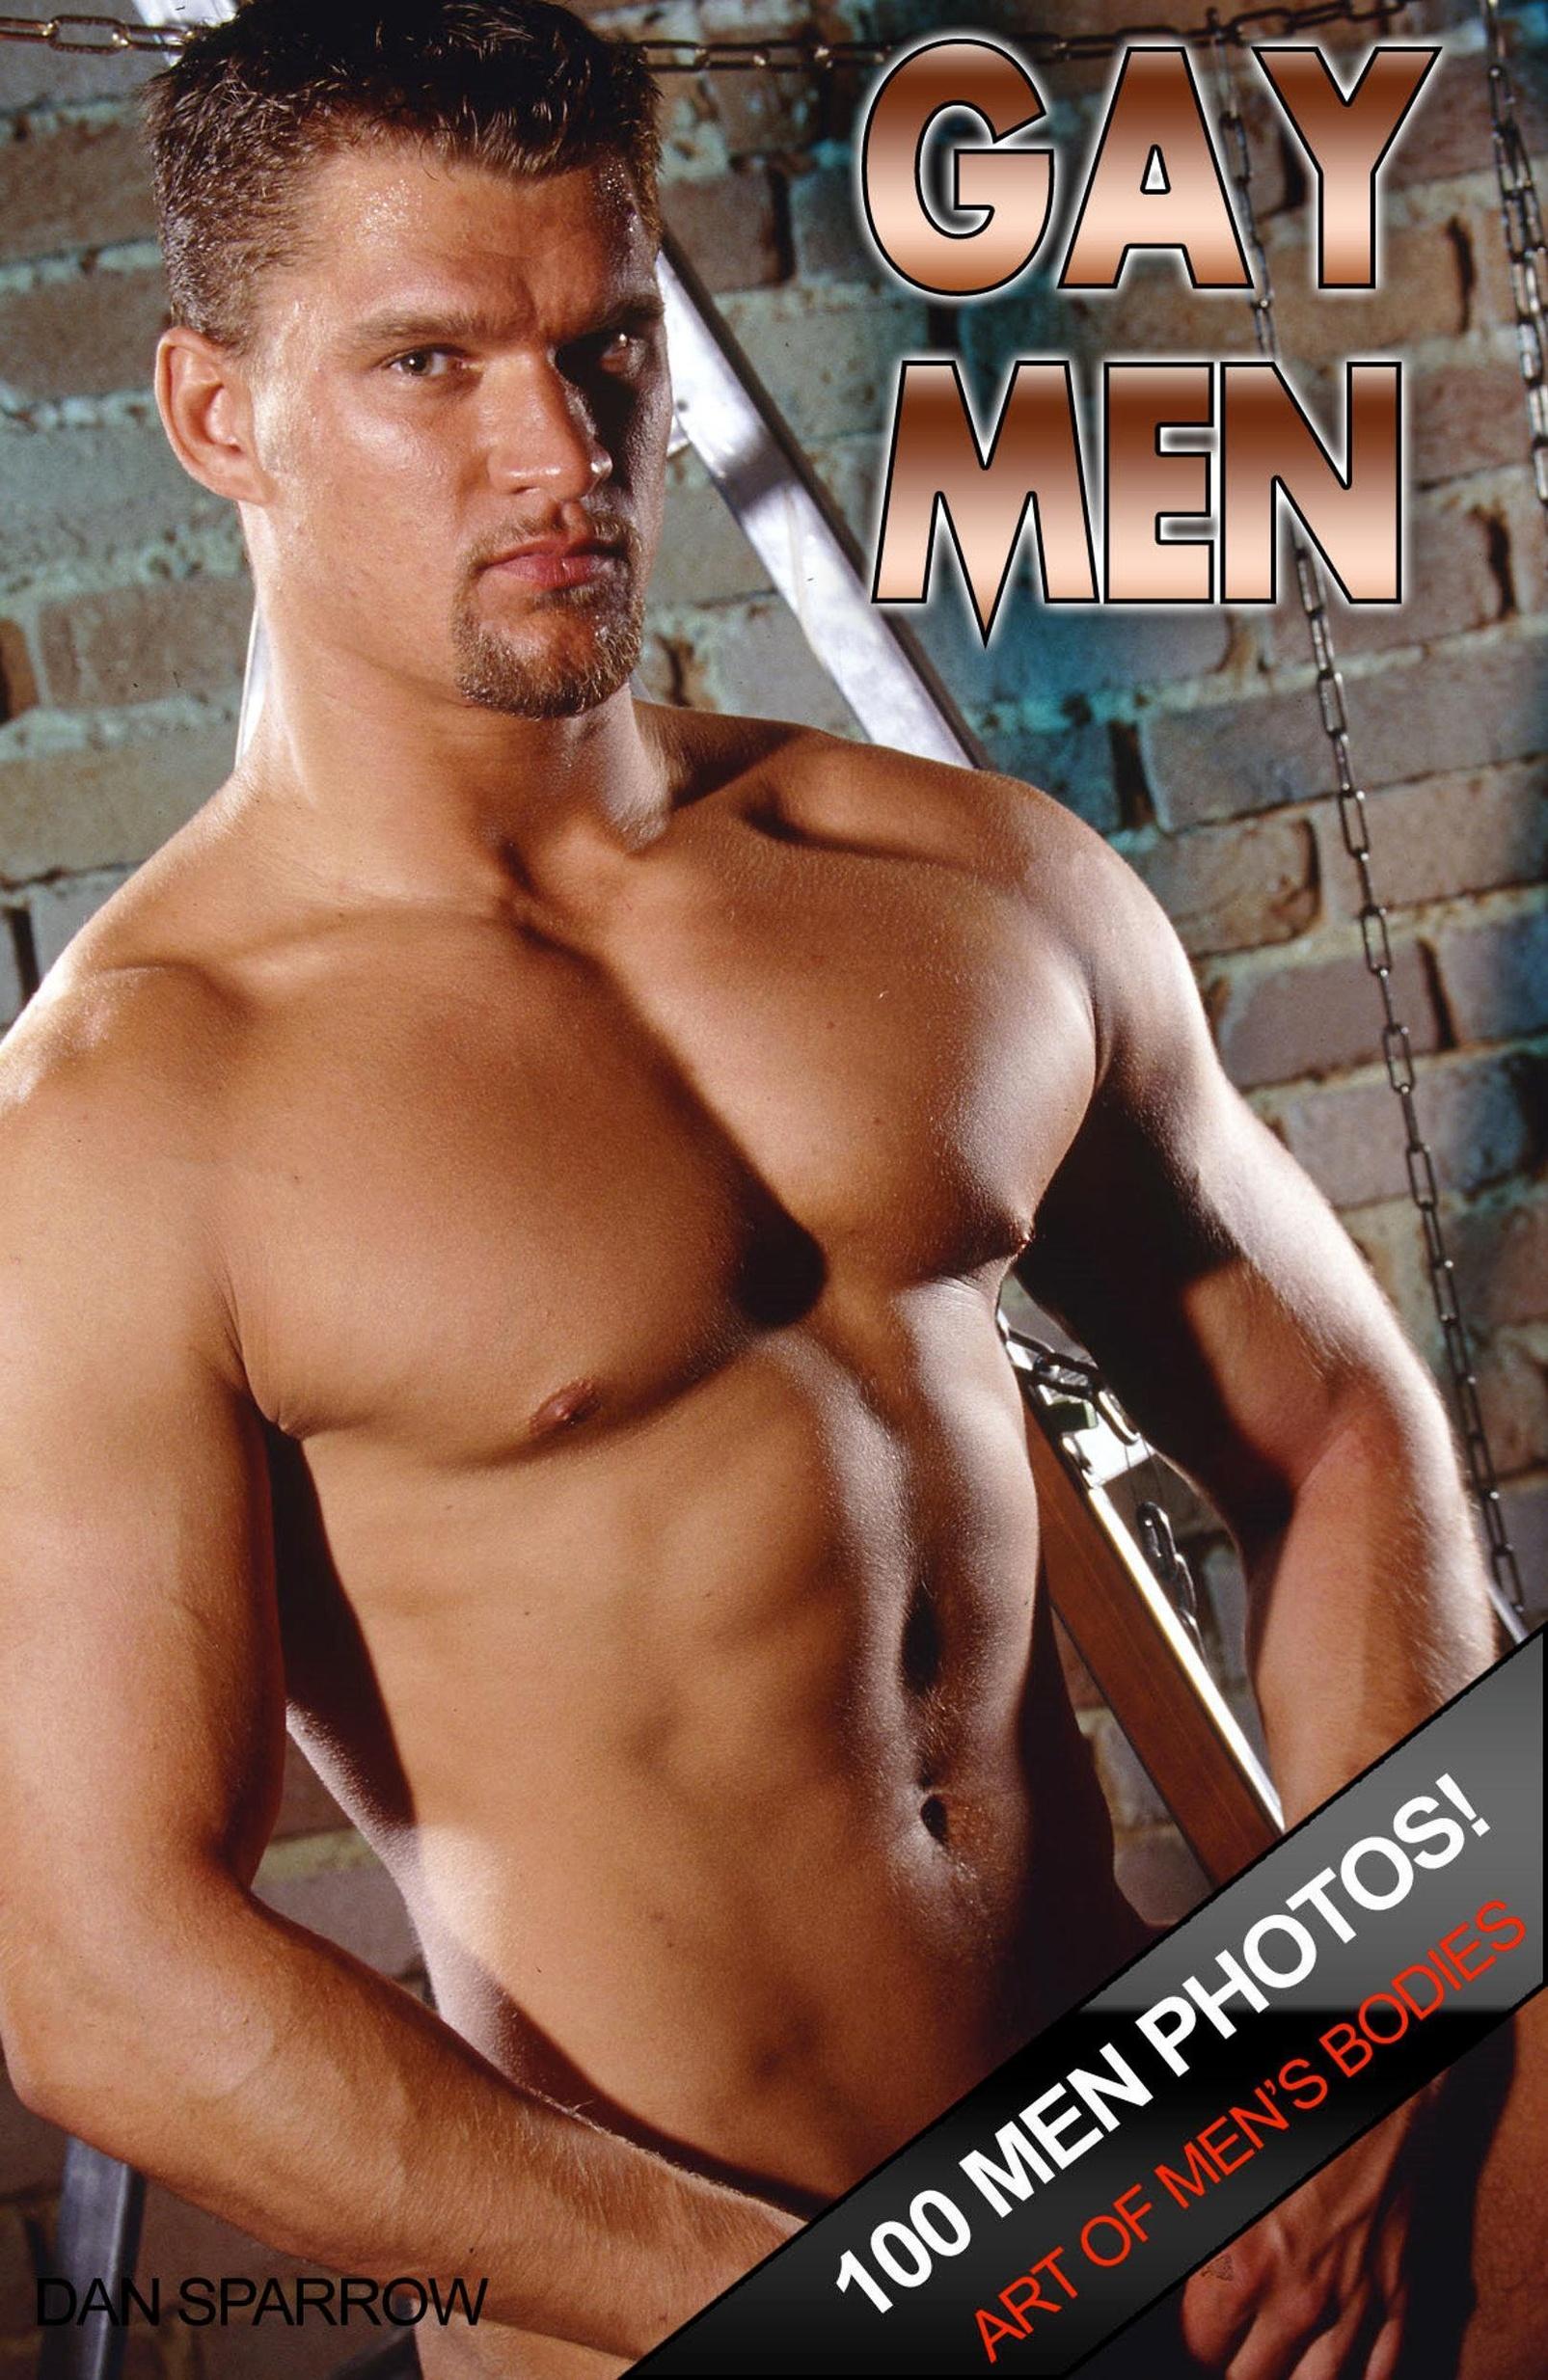 All Kontakte in Thringen - Gay Dating - intertecinc.com